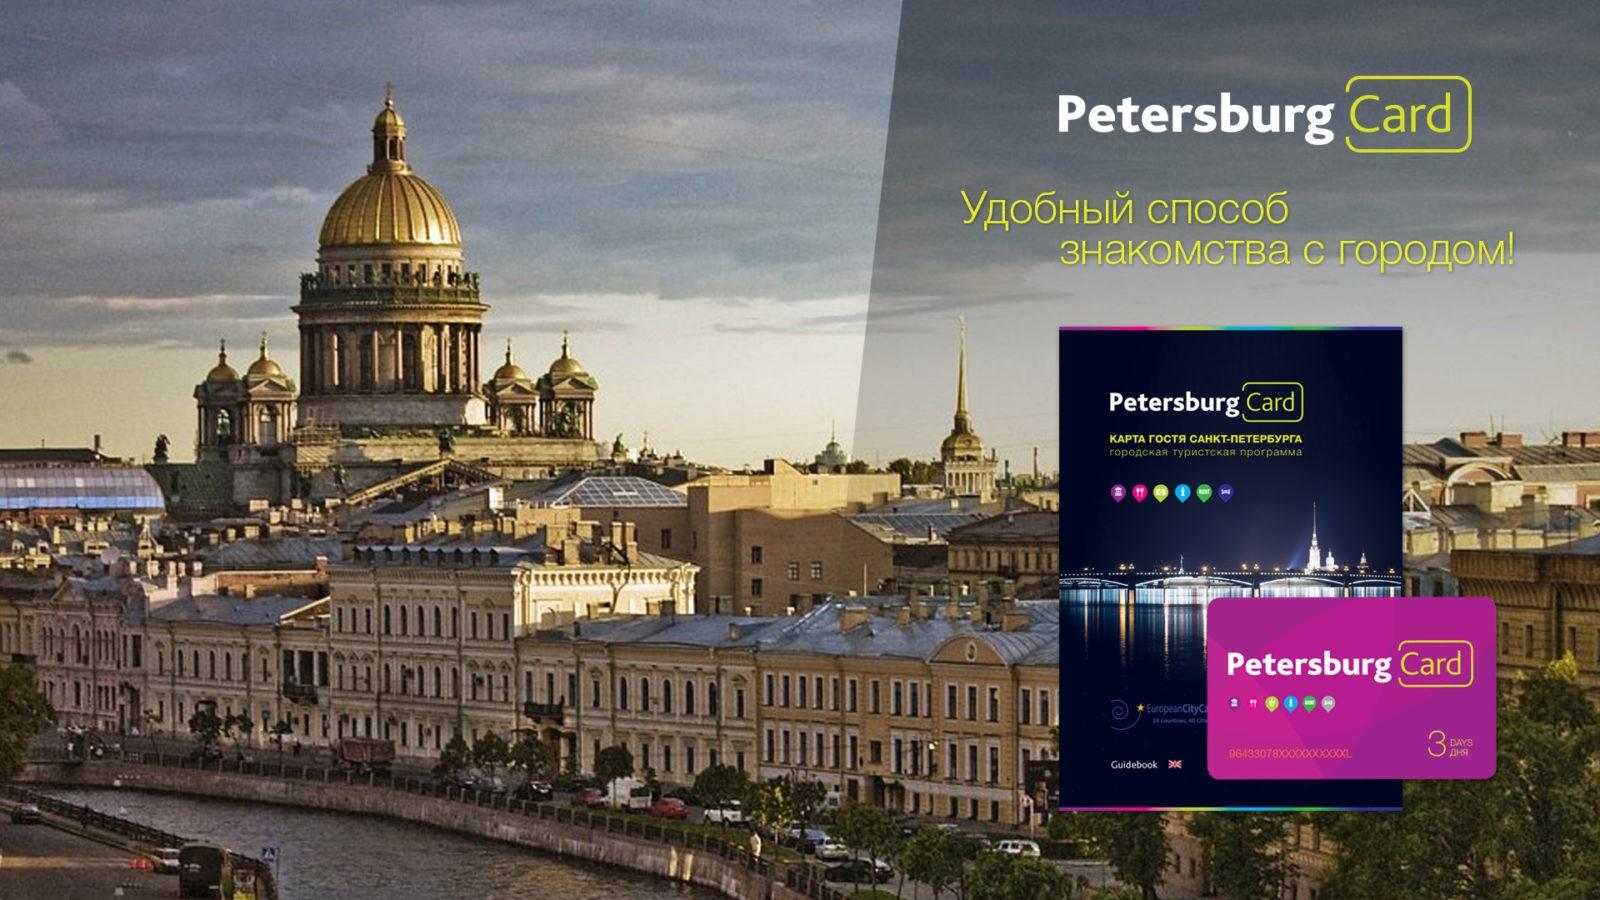 Экскурсионные карты VISIT Petersburg поступят в продажу с 1 августа 2018